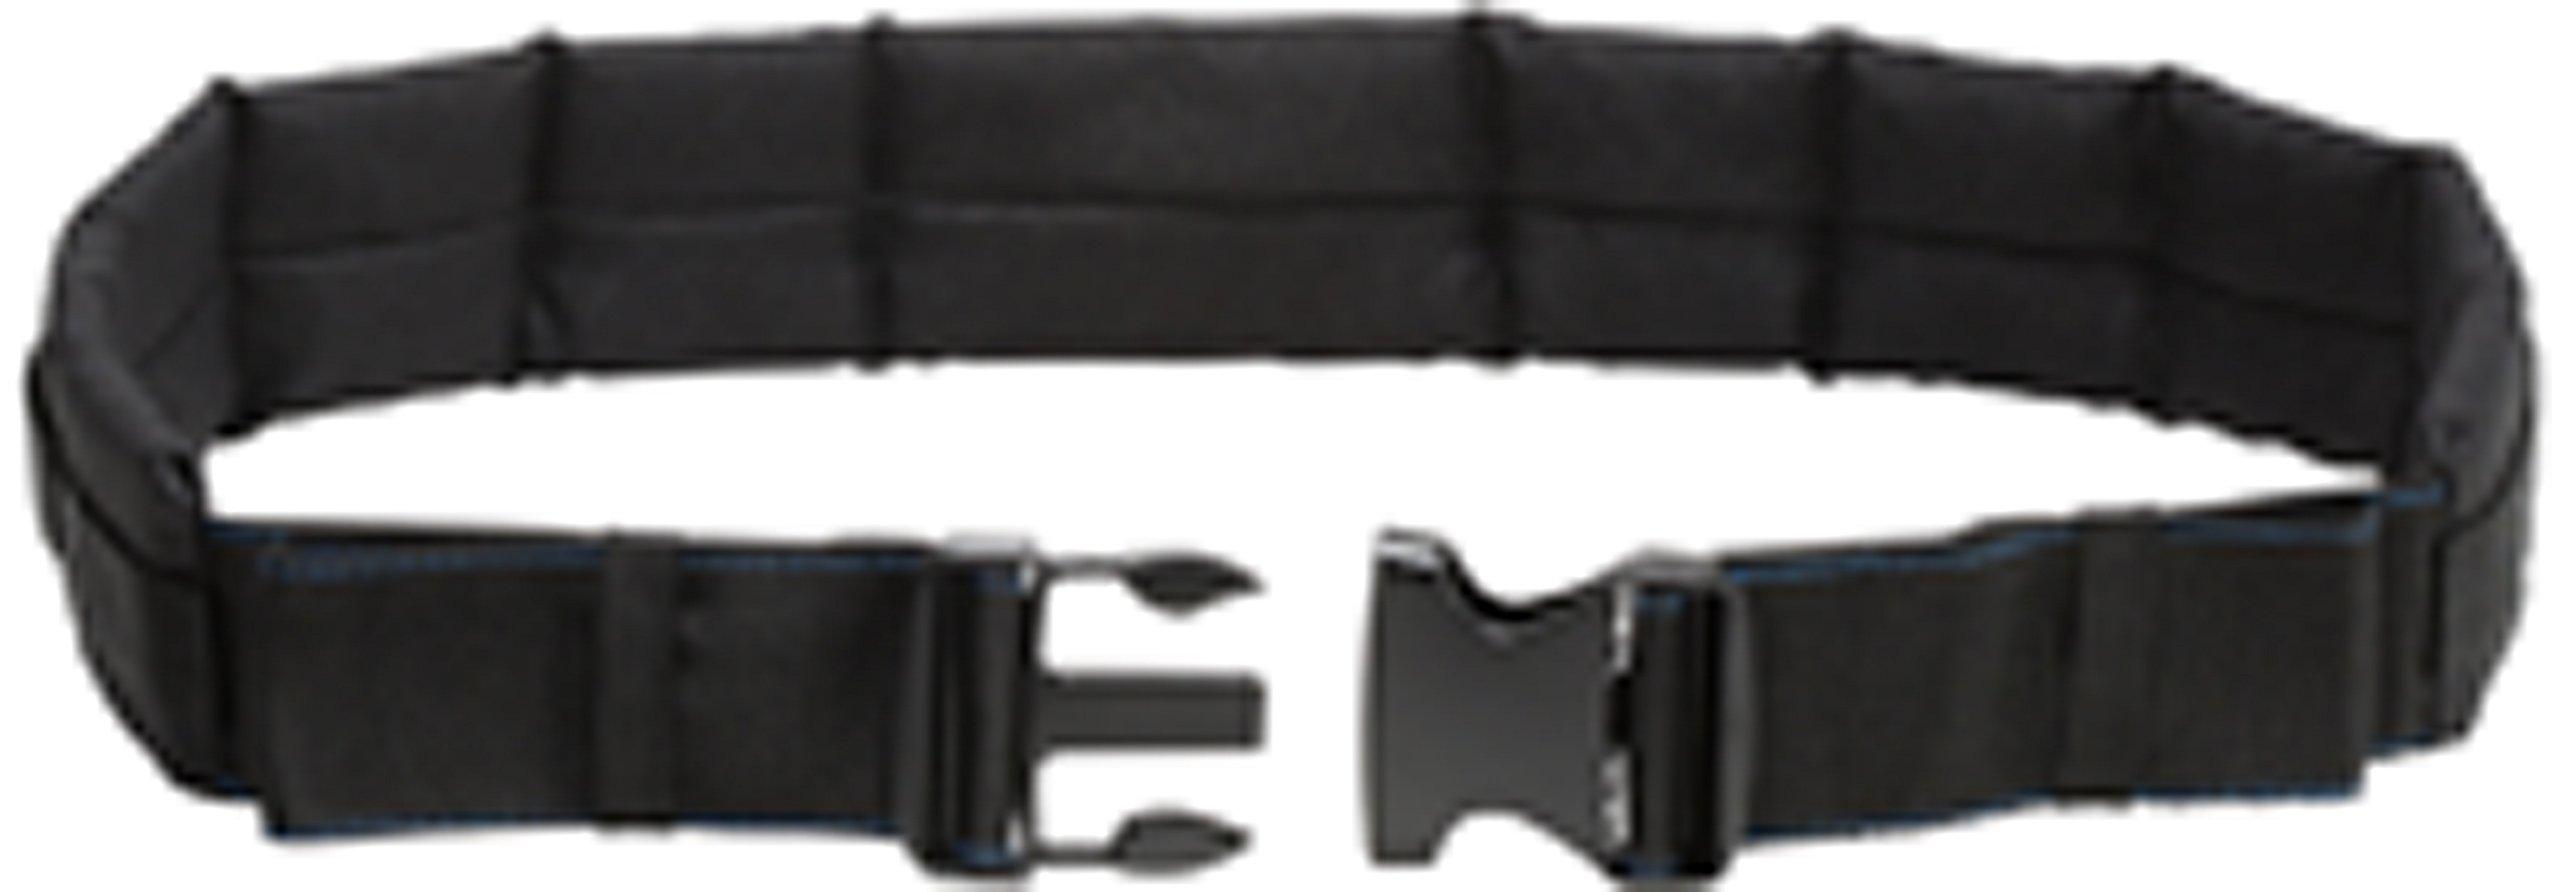 Tool Belt for E4, E5, E6, E8 Thermal Cameras